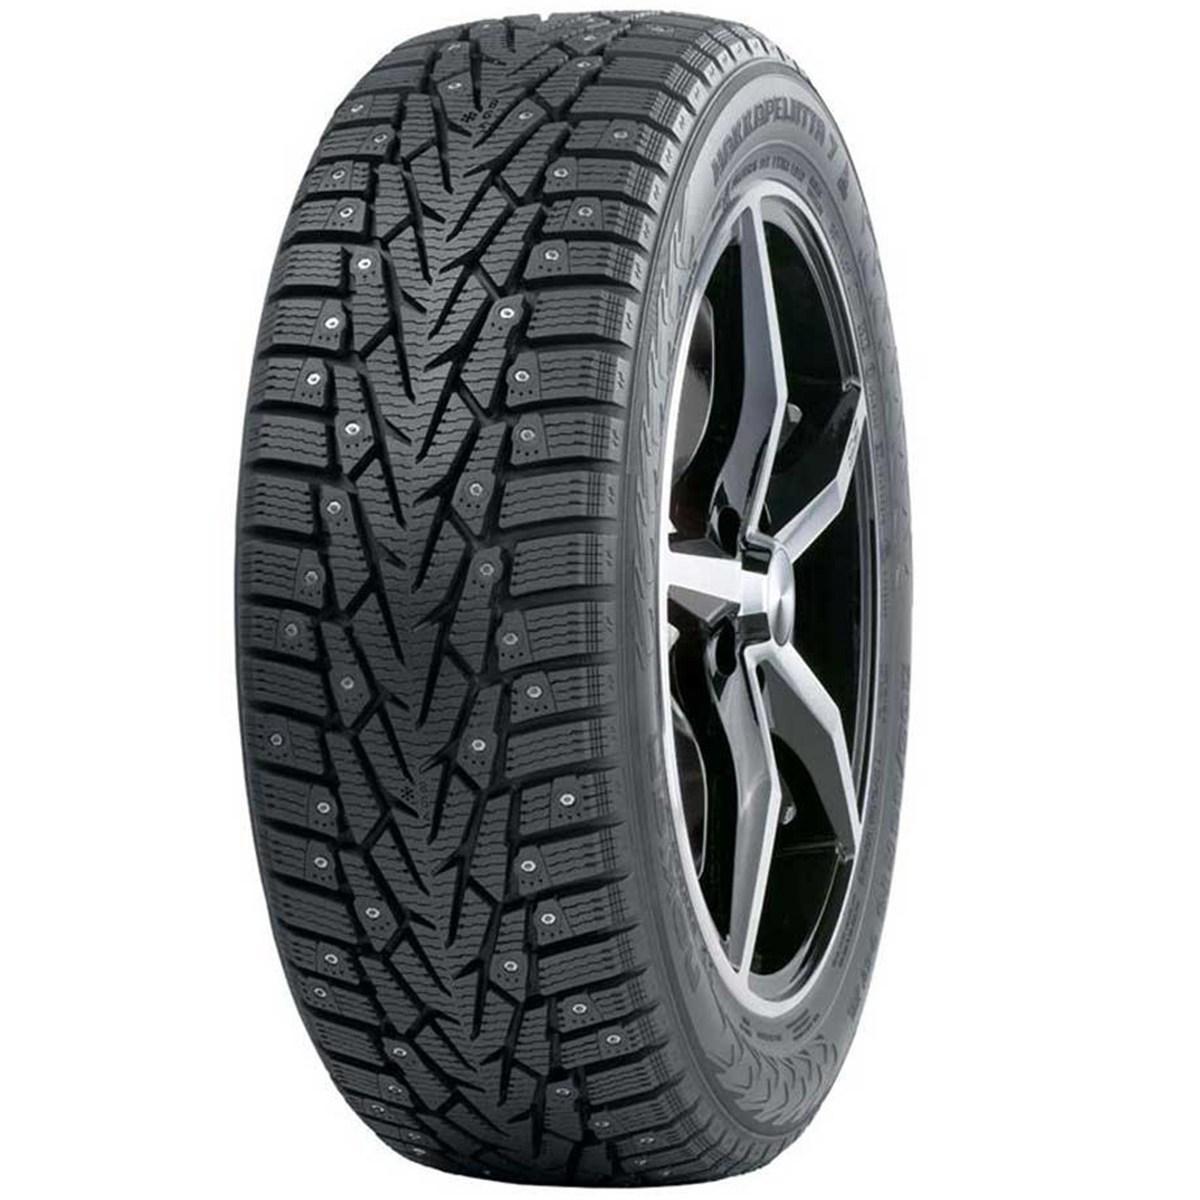 Купить шины шипы 21565r16 toyo шины купить в спб летние